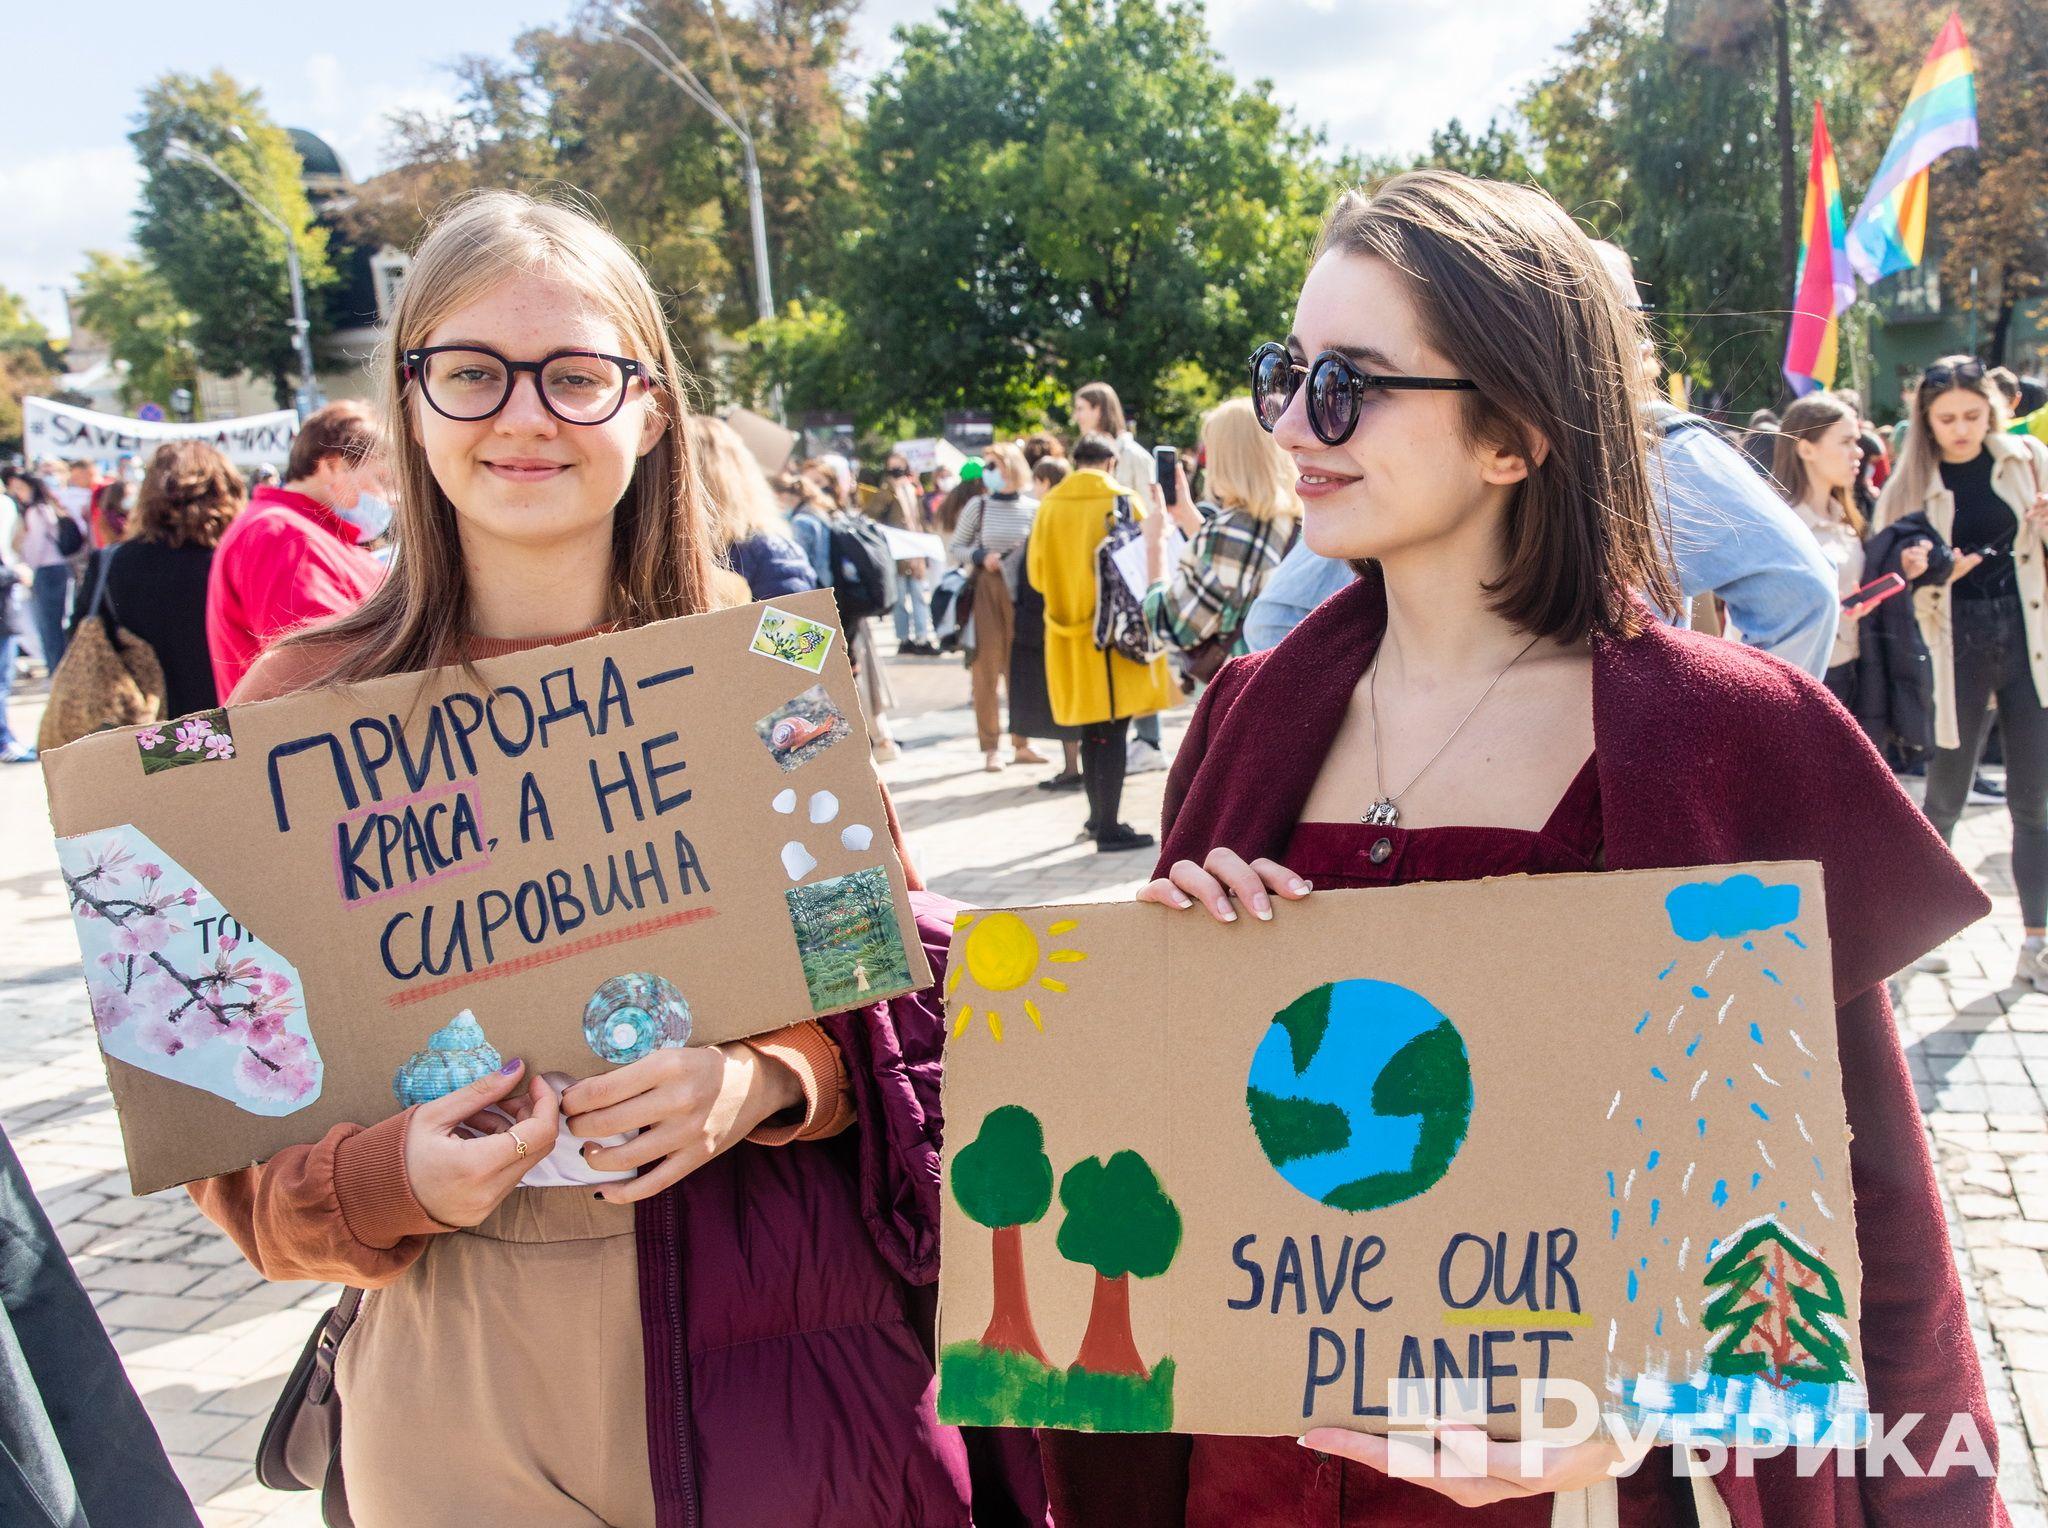 кліматичний марш 2021 київ